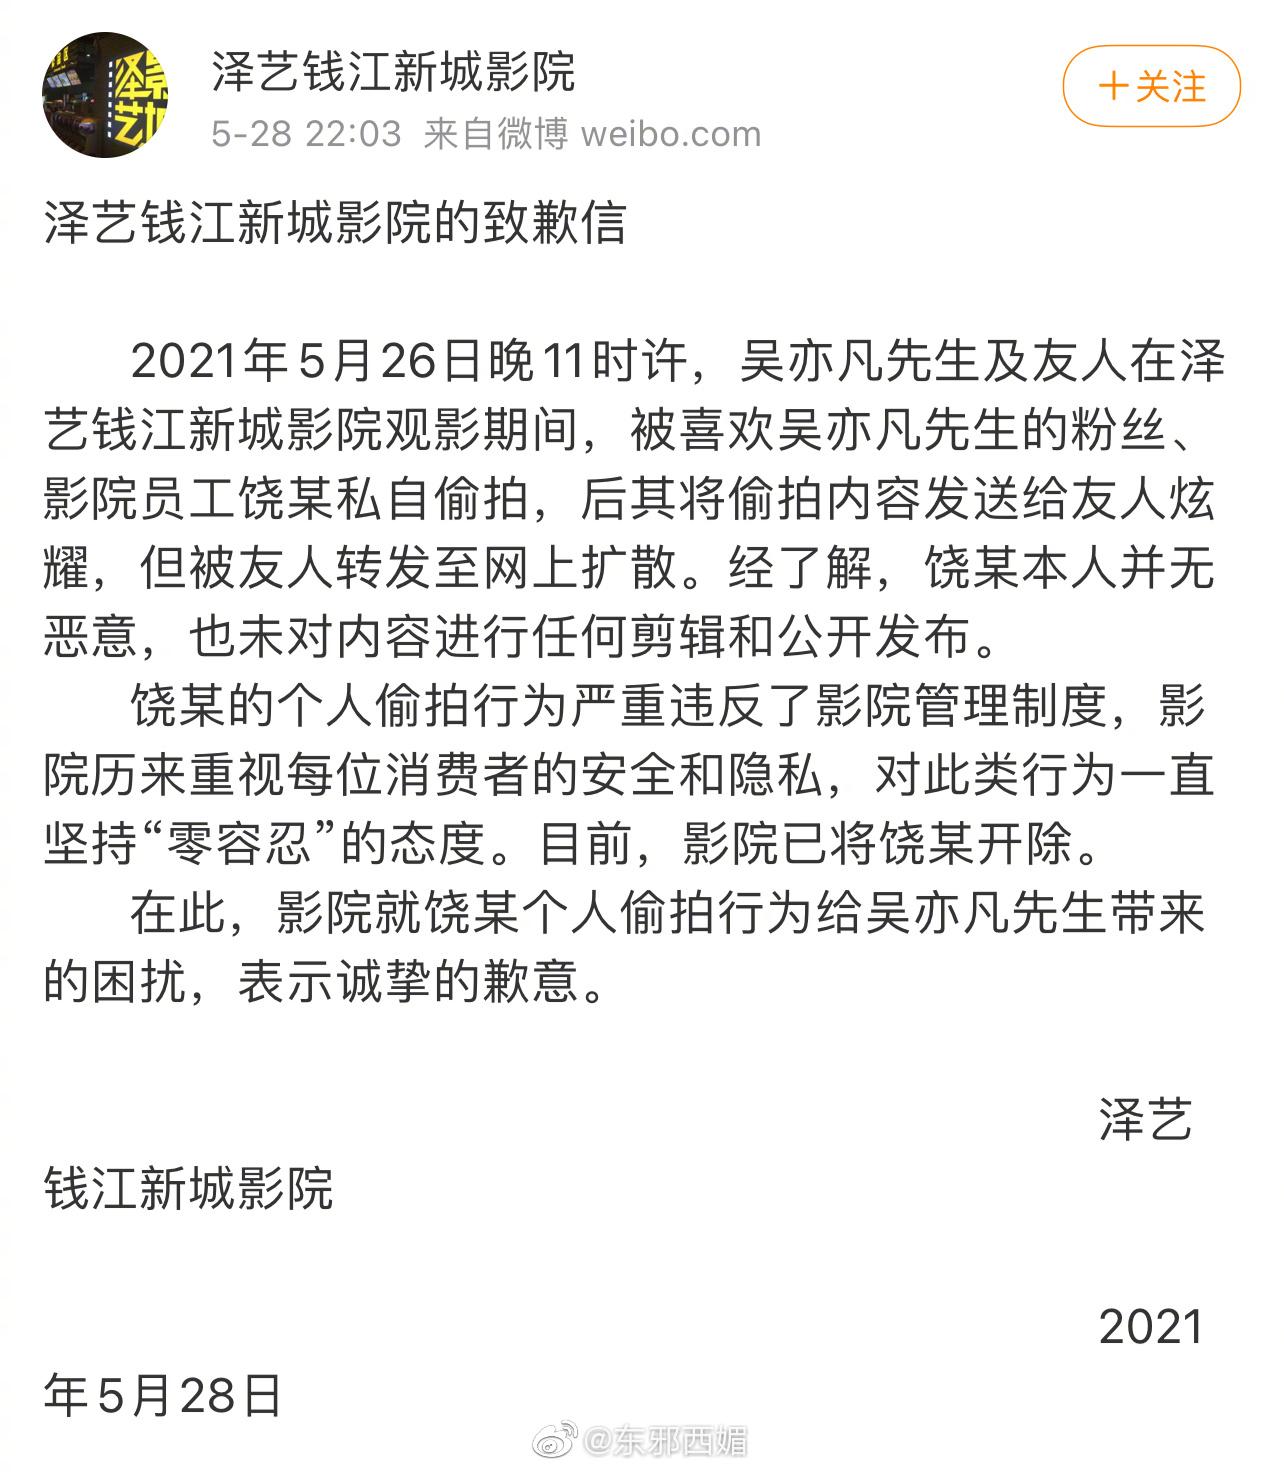 吴亦凡方发律师声明 泽艺钱江新城影院发出致歉信